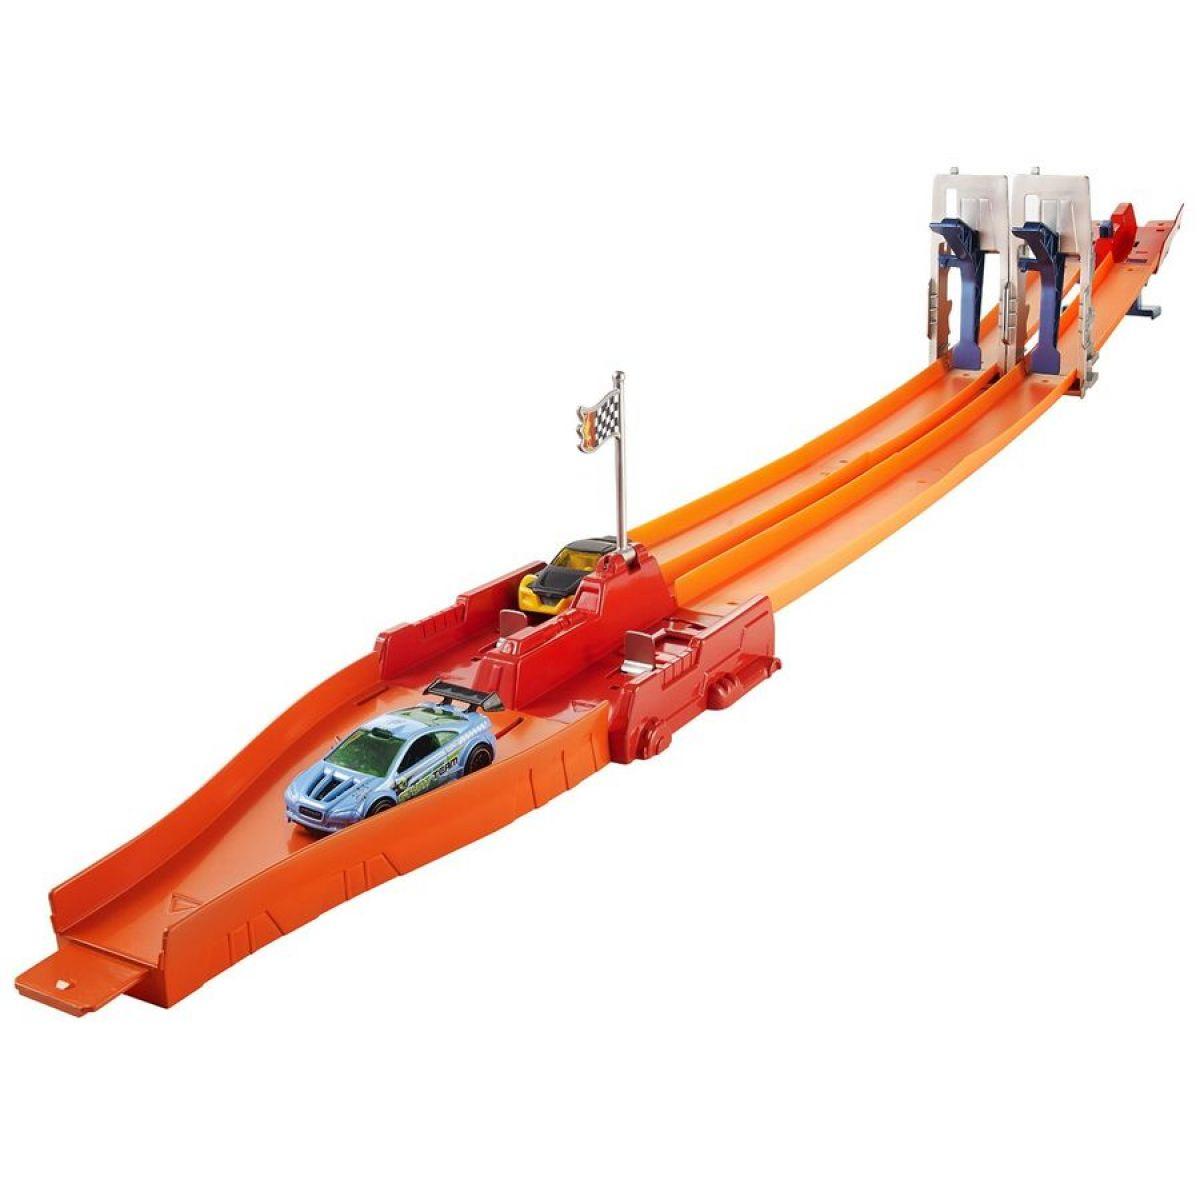 Hot Wheels Závodní dráha s dvěma skoky - BGJ26